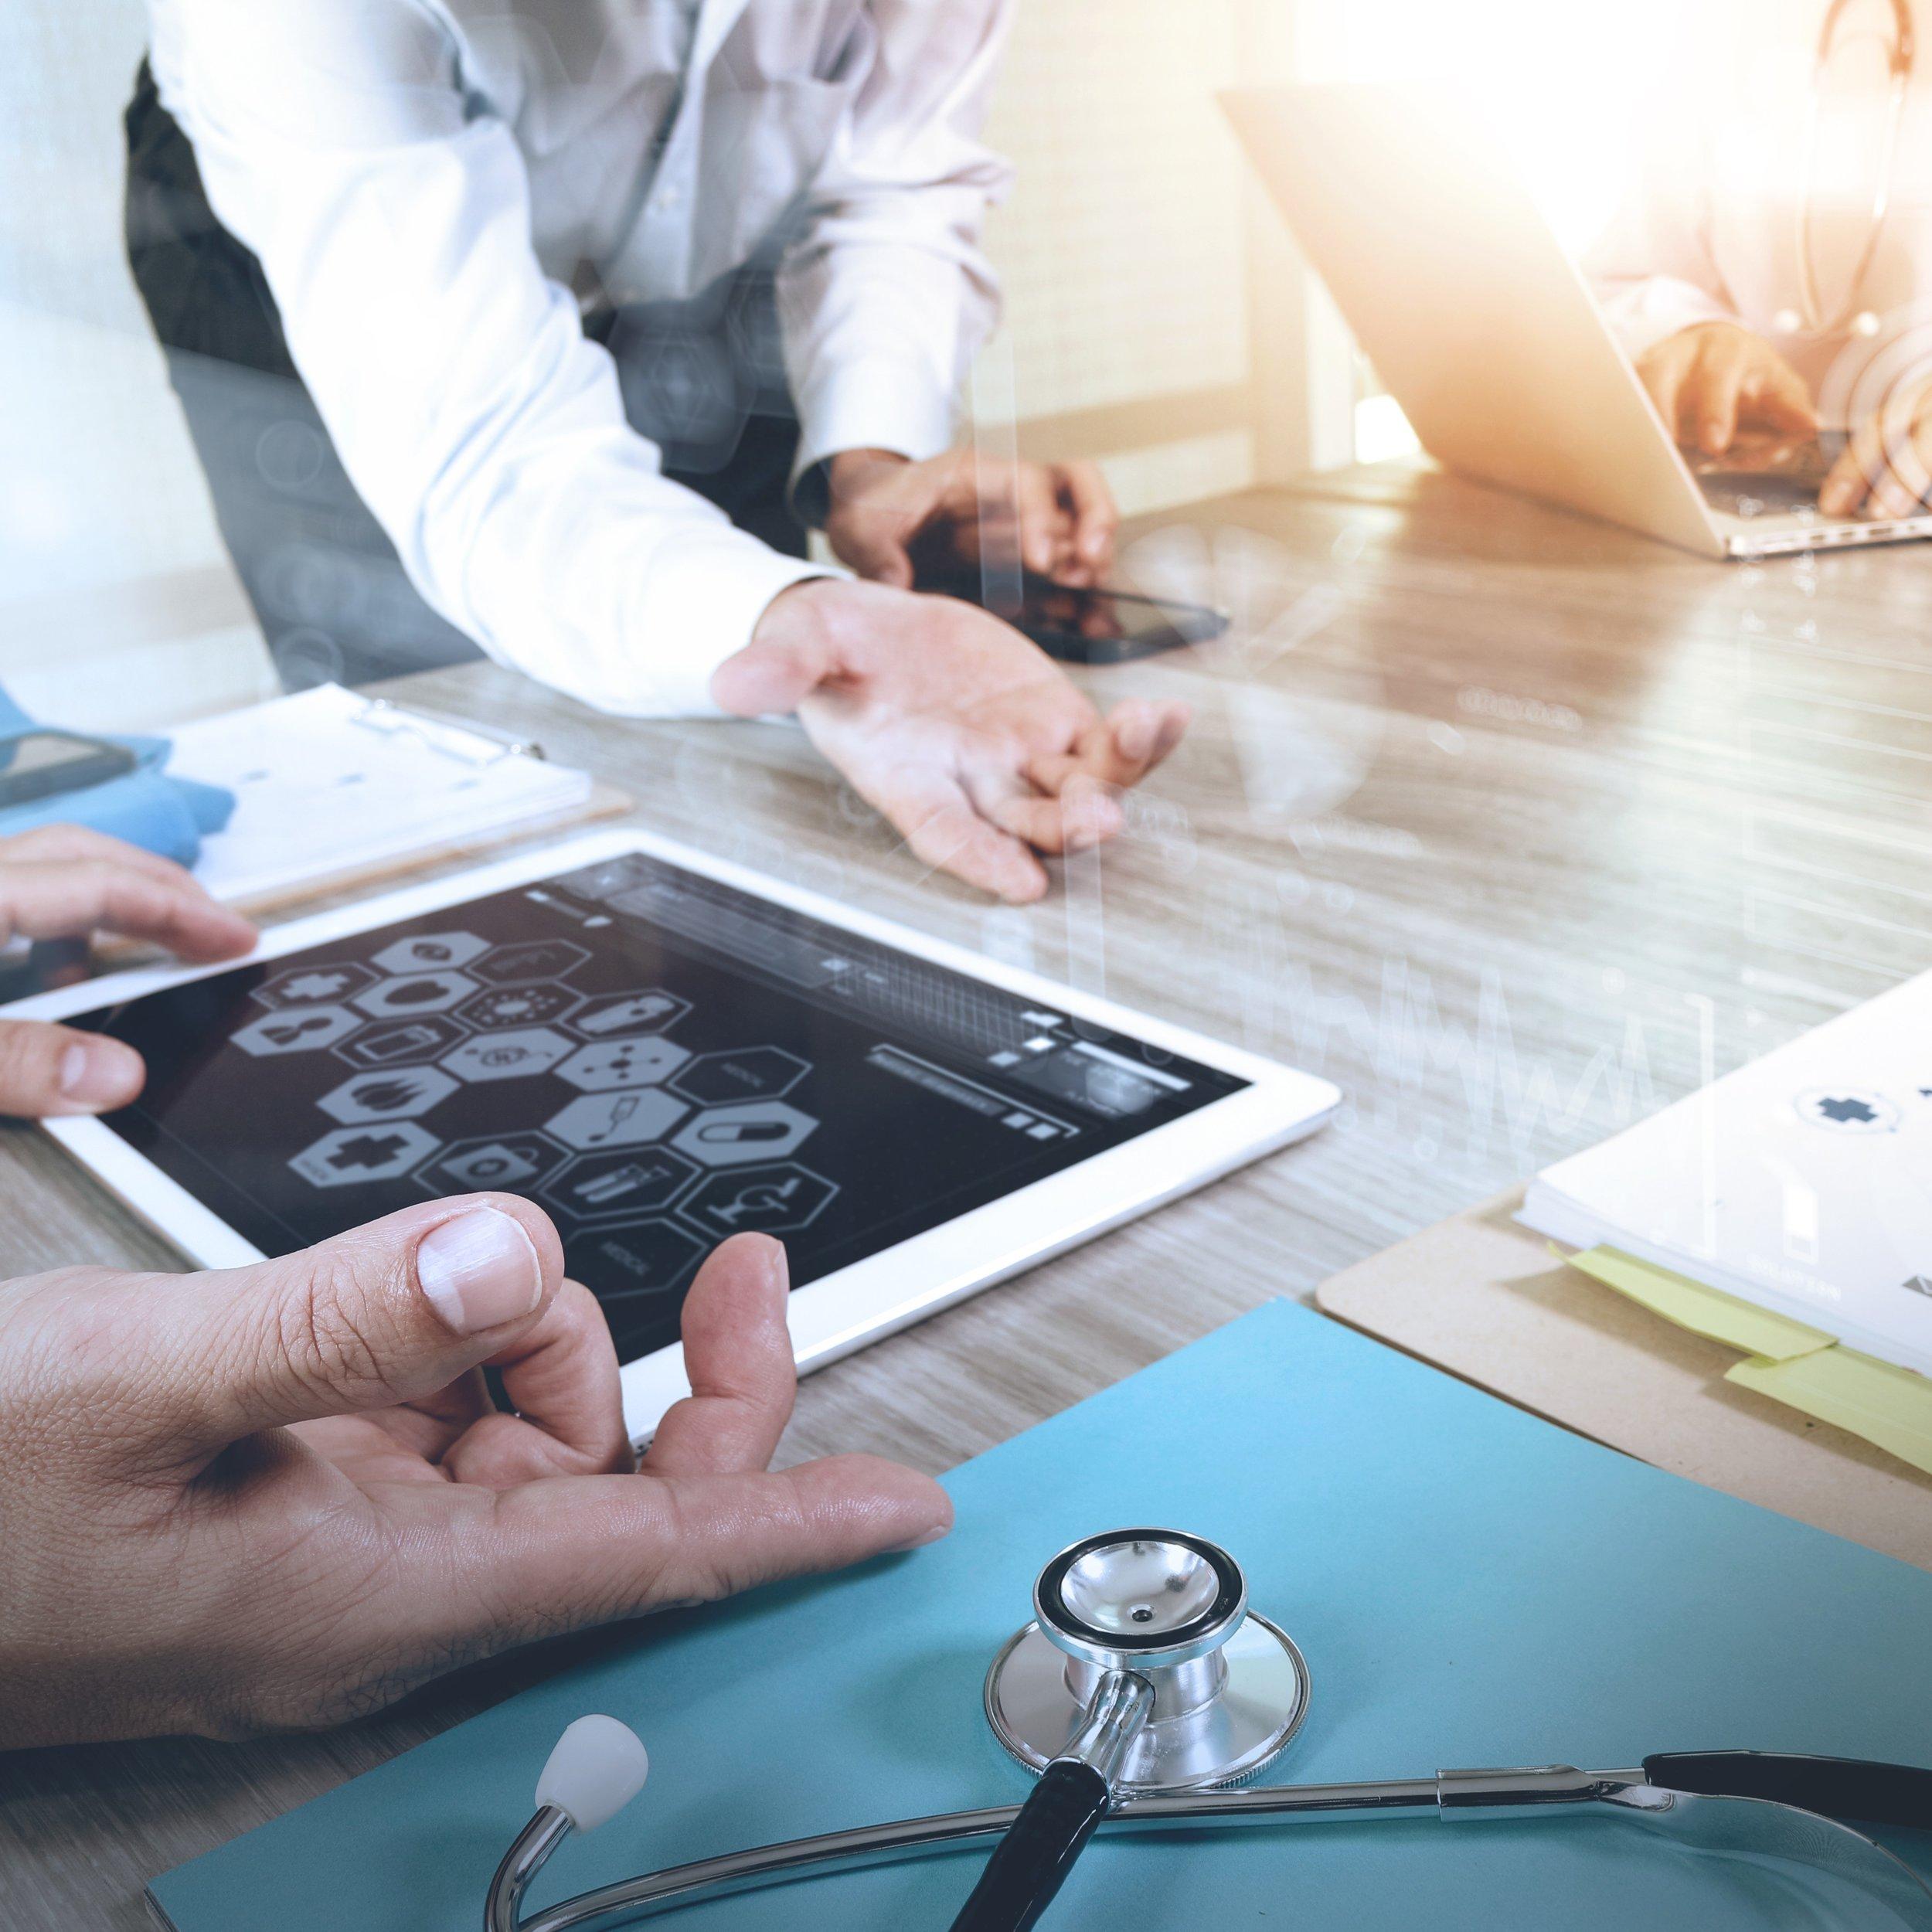 Formação Docente em Medicina e Ciências da Saúde - Capacitar profissionais de excelência em planejamento curricular, implementação de projetos educacionais…